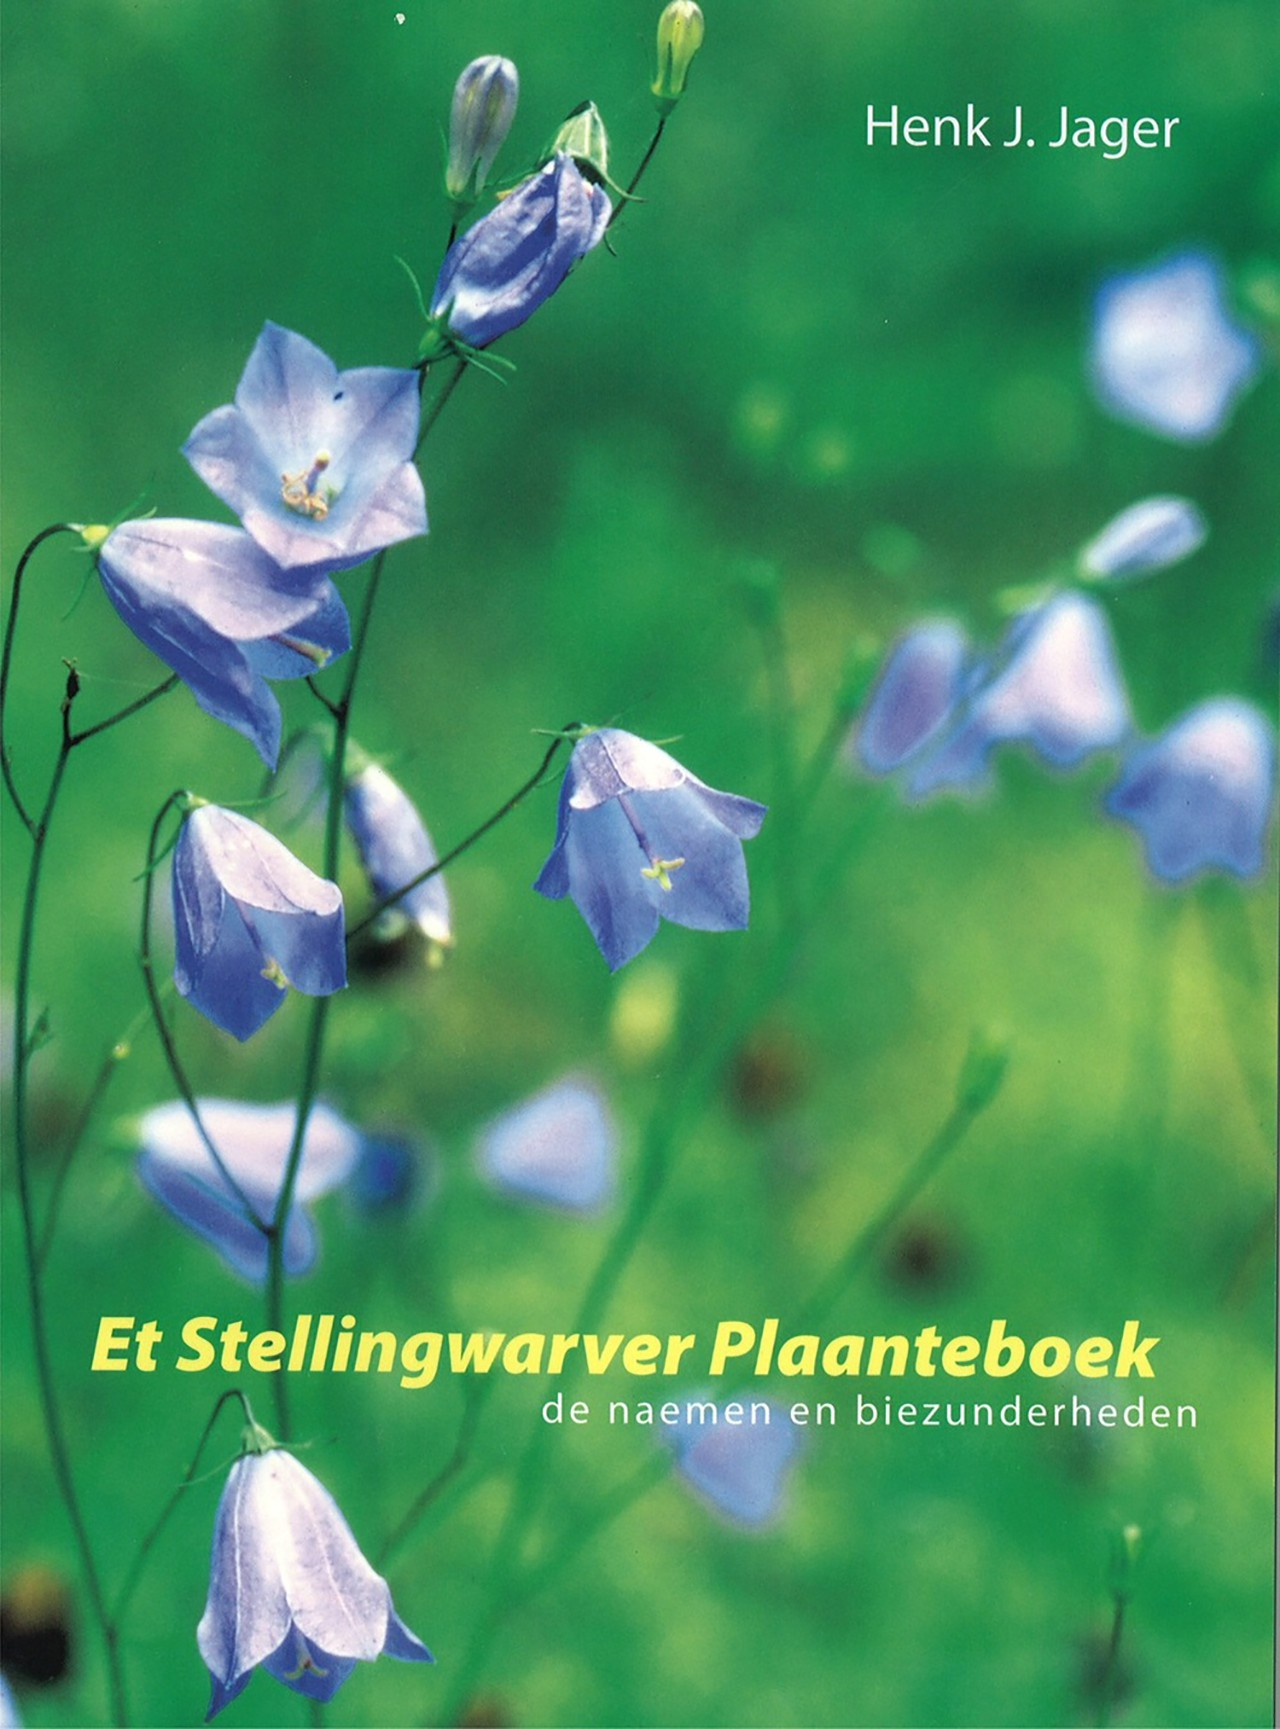 Et Stellingwarver Plaanteboek